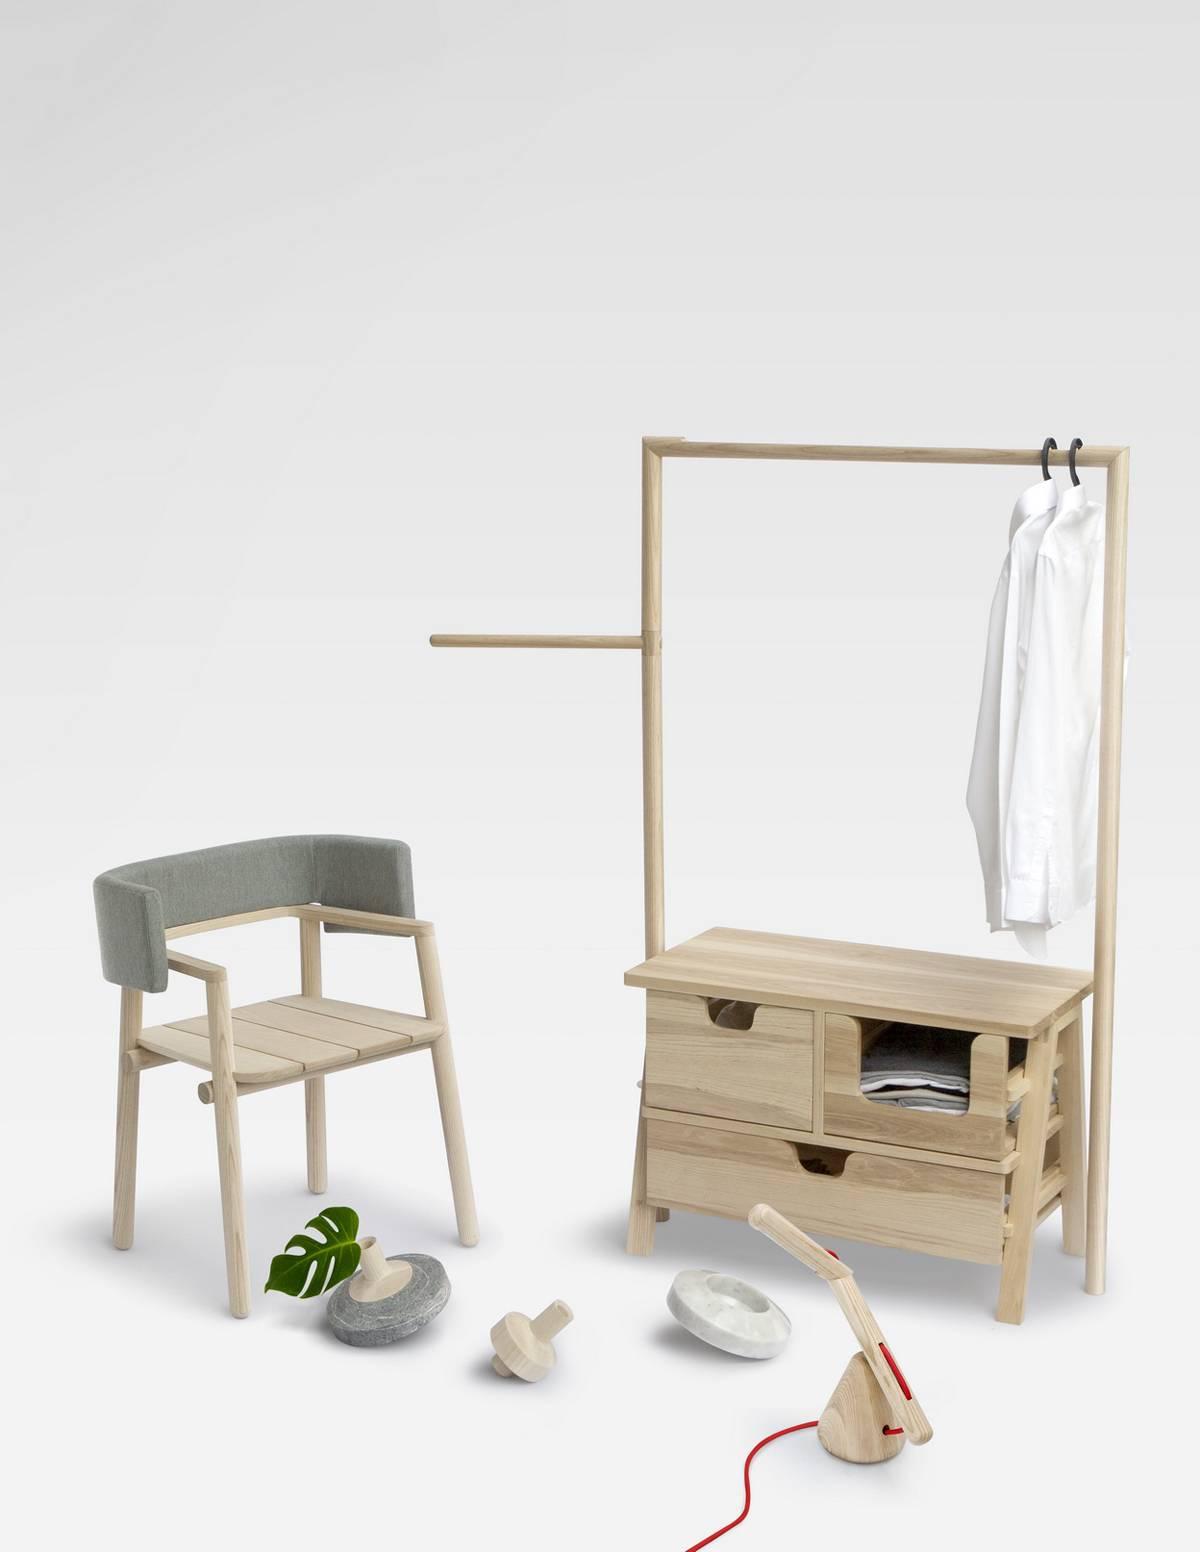 collaborative-project-by-thinkk-studio-studio-248-o